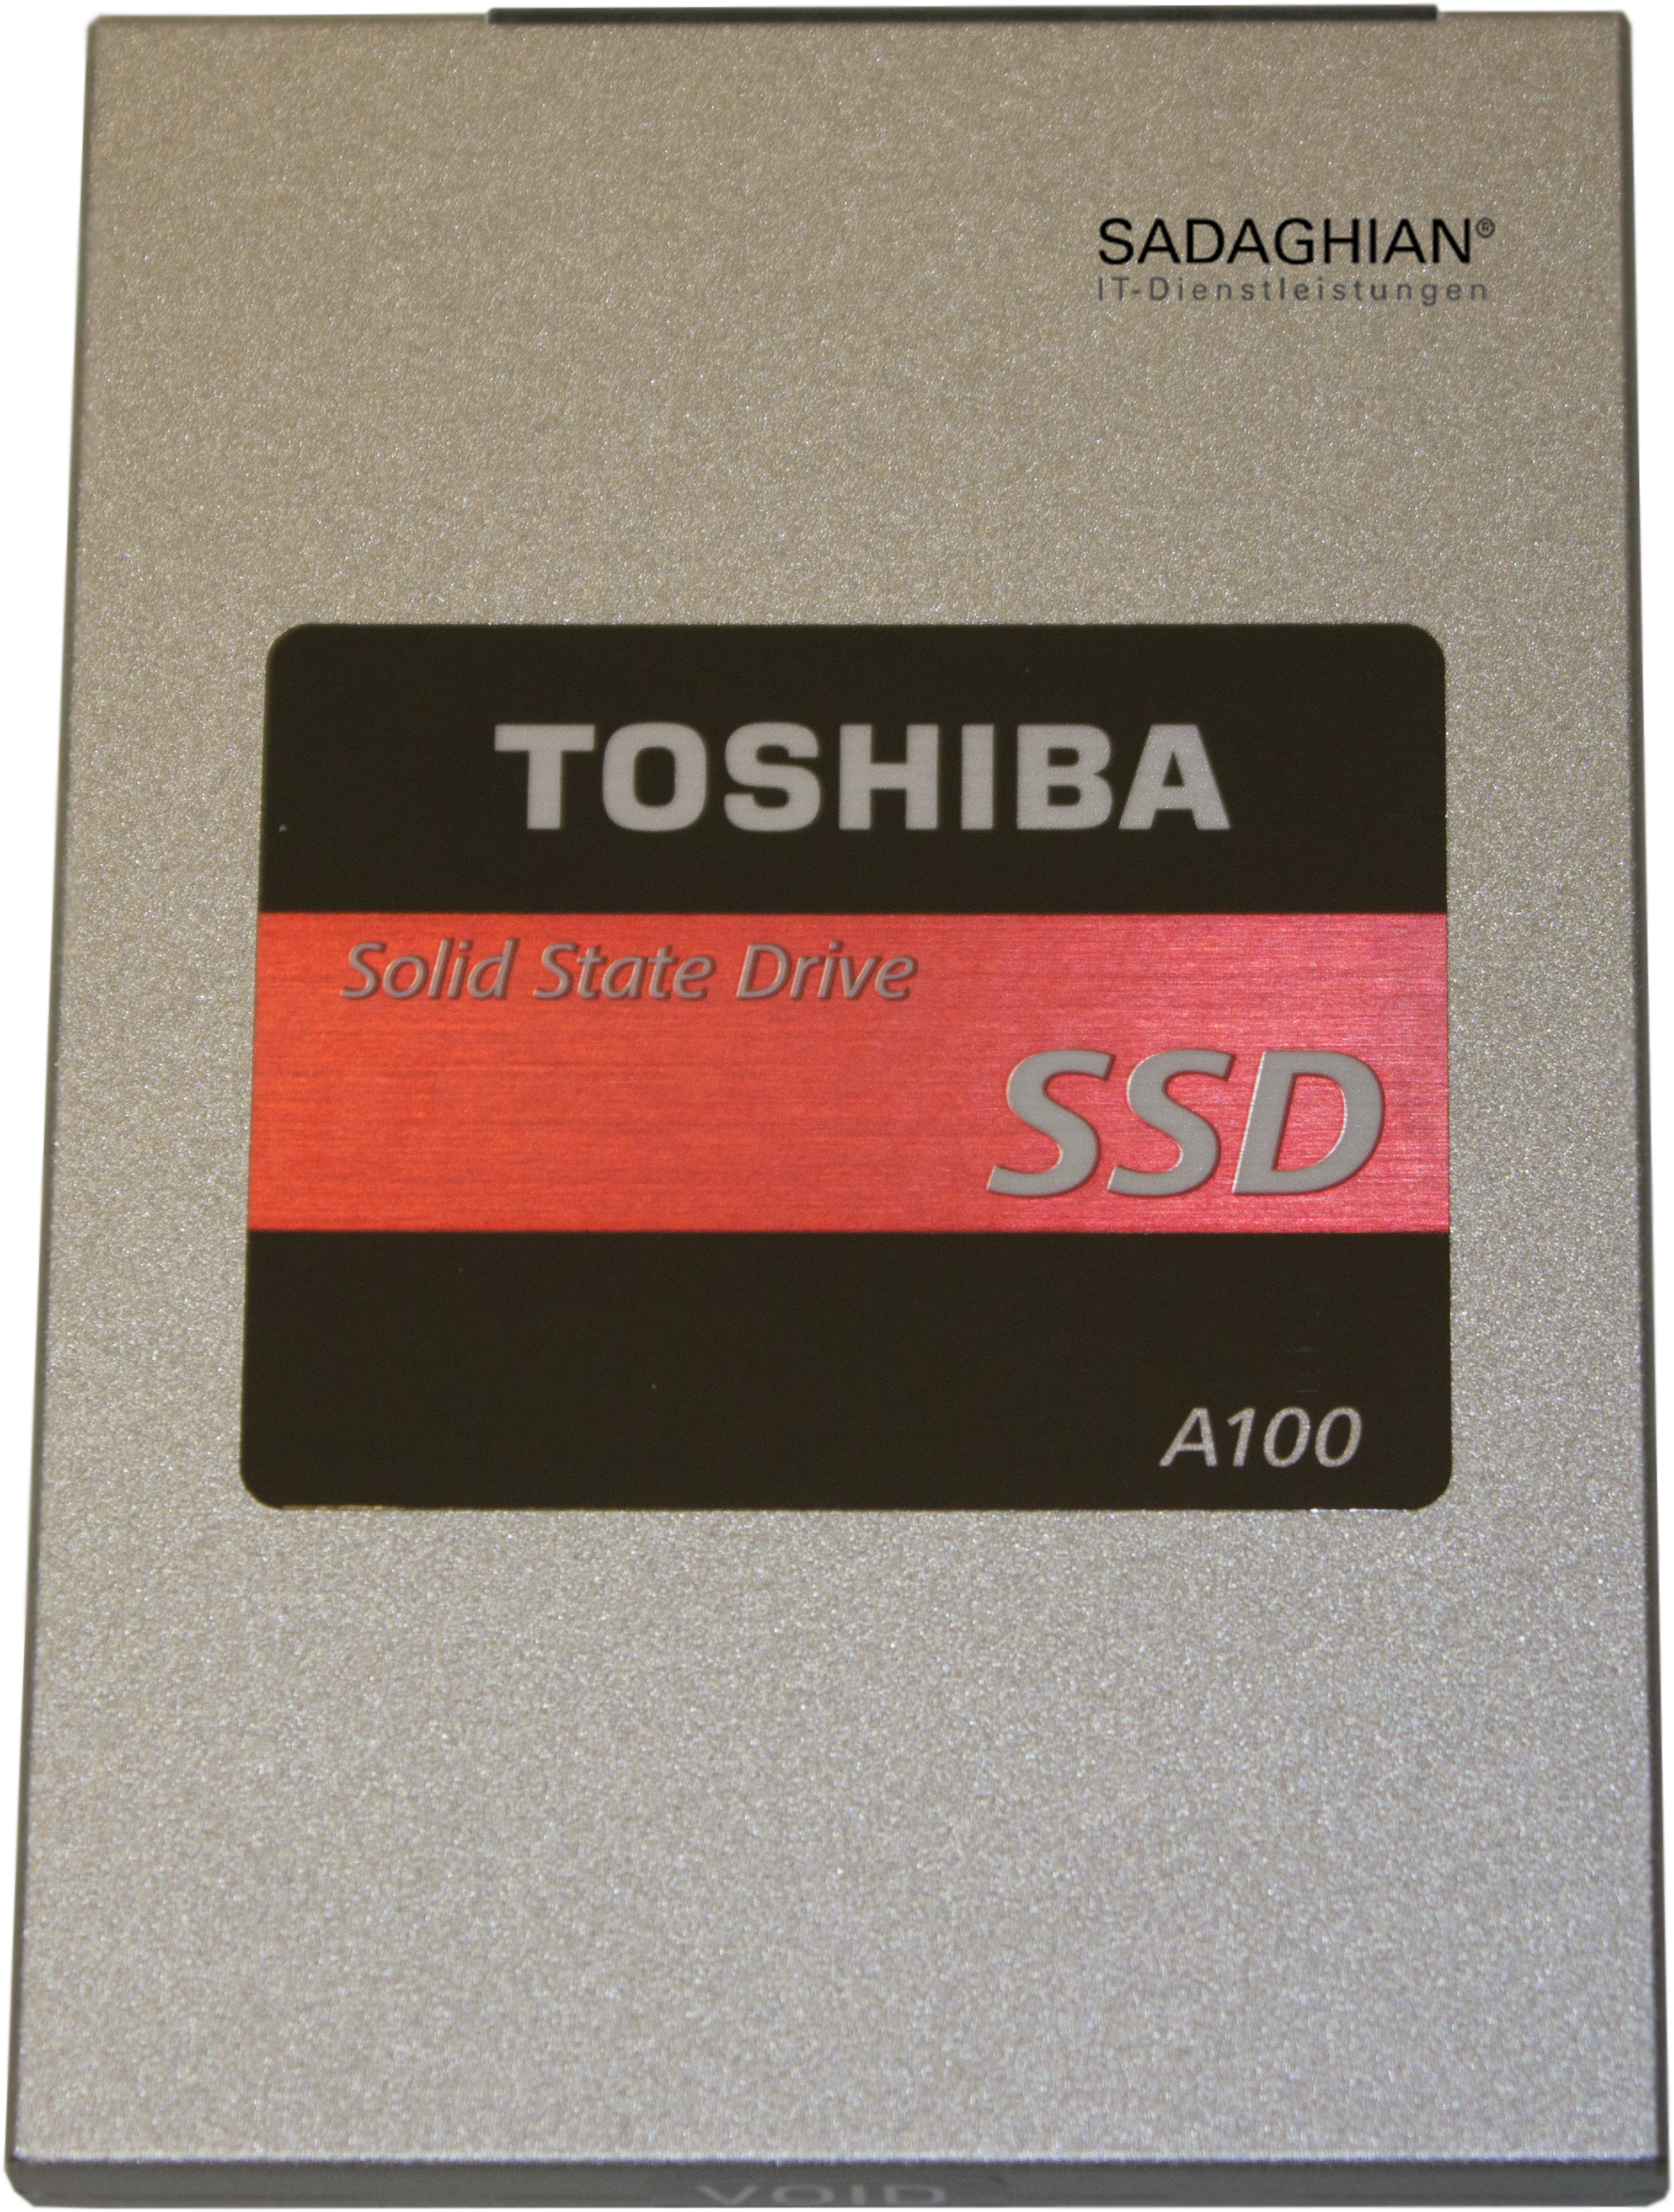 Was ist Unterschied zwischen einer HDD und einer SSD-Festplatte?